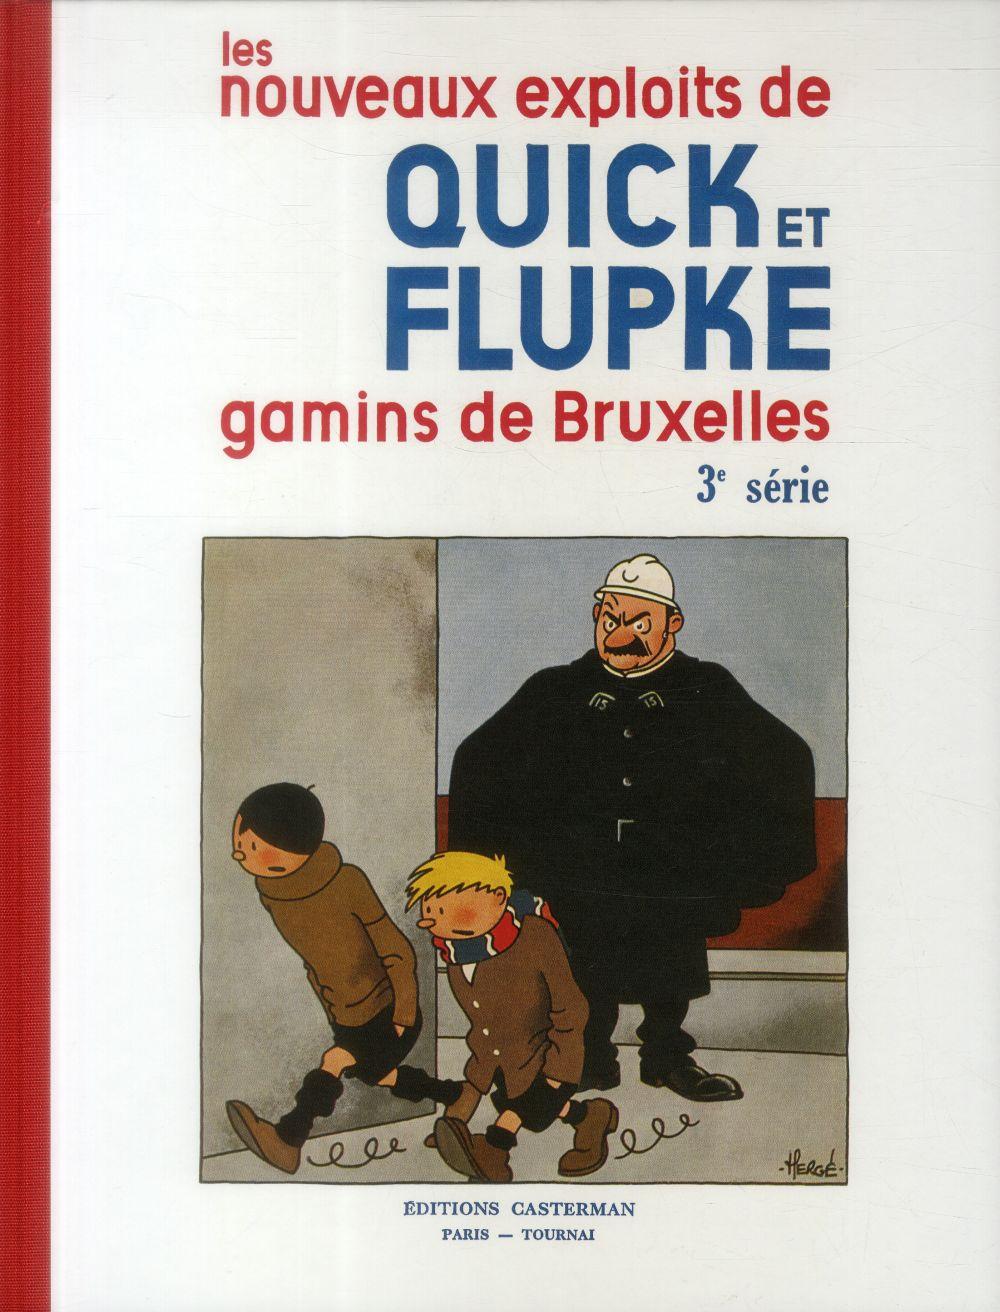 QUICK ET FLUPKE ; les nouveaux exploits de Quick et Flupke, gamins de Bruxelles T.3